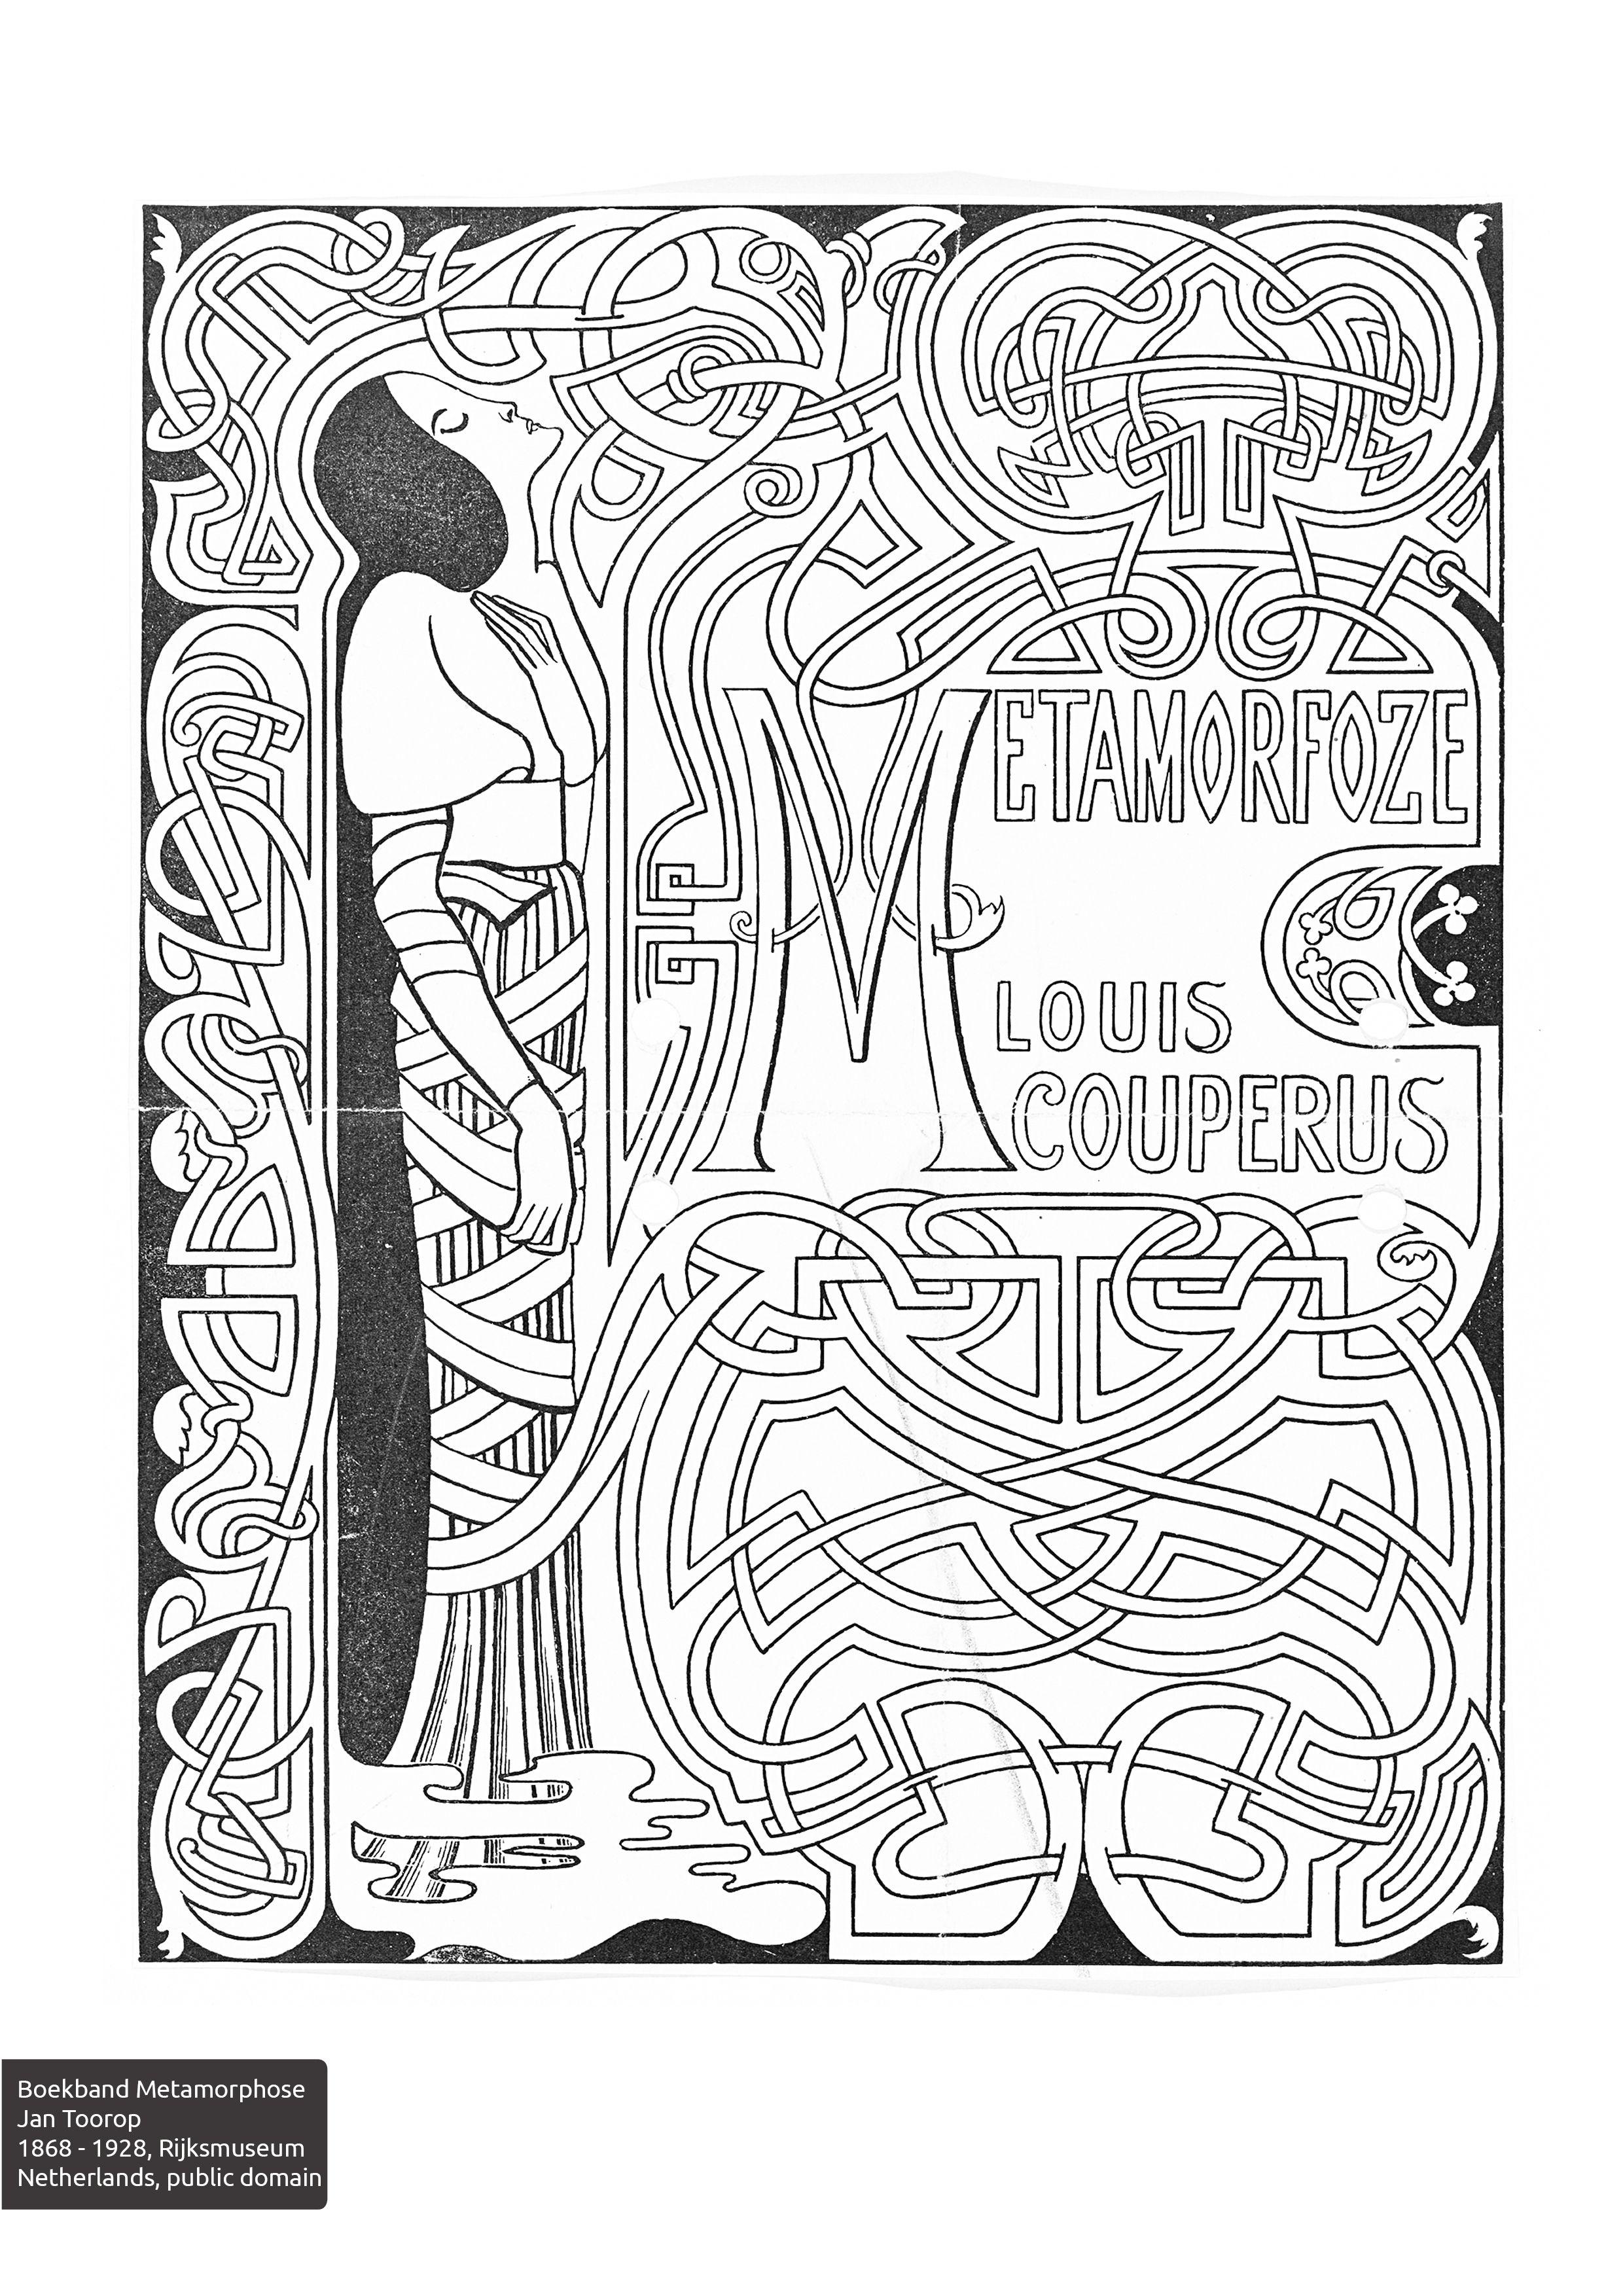 Colorourcollections With An Art Nouveau Colouring Book Art Nouveau Illustration Book Design Book Art